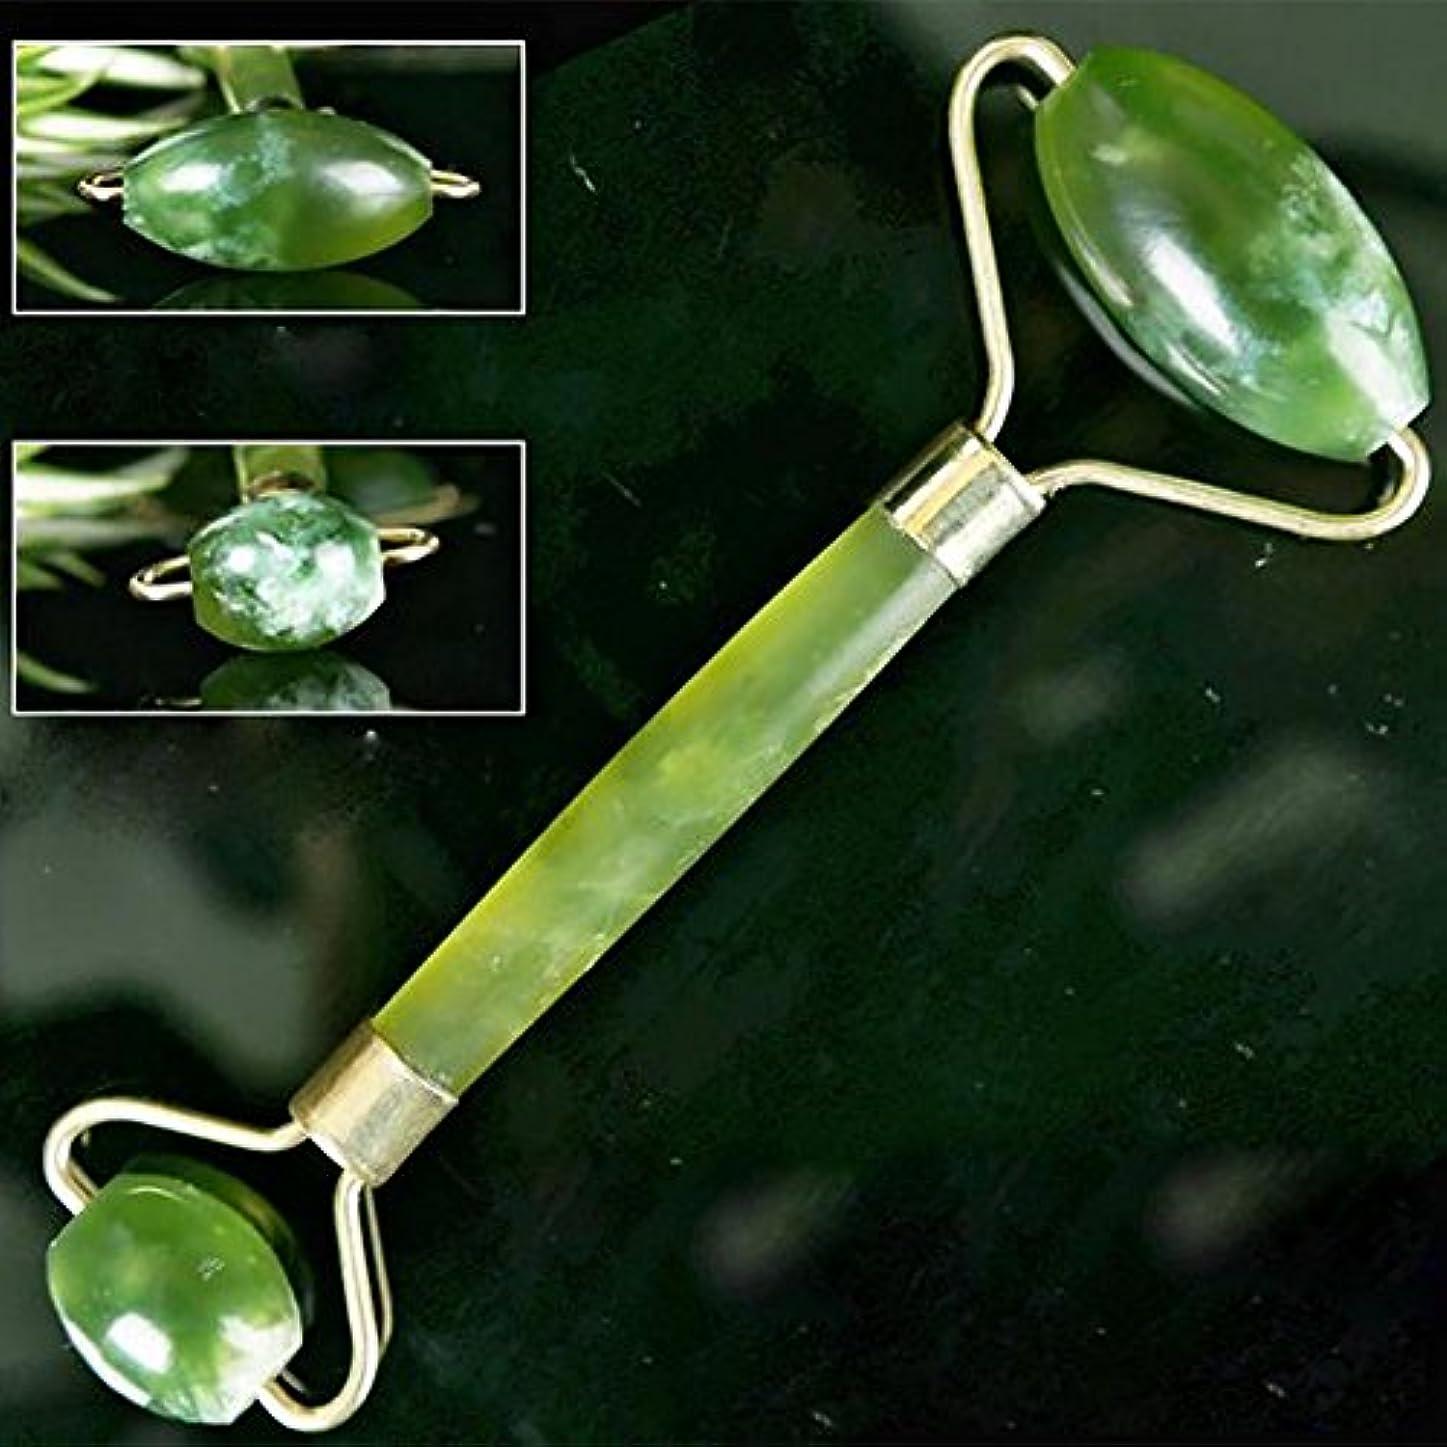 相対性理論呪い天Echo & Kern 翡翠ローラーフェイスマッサジローラーGreen Crystal Double head Jade Roller